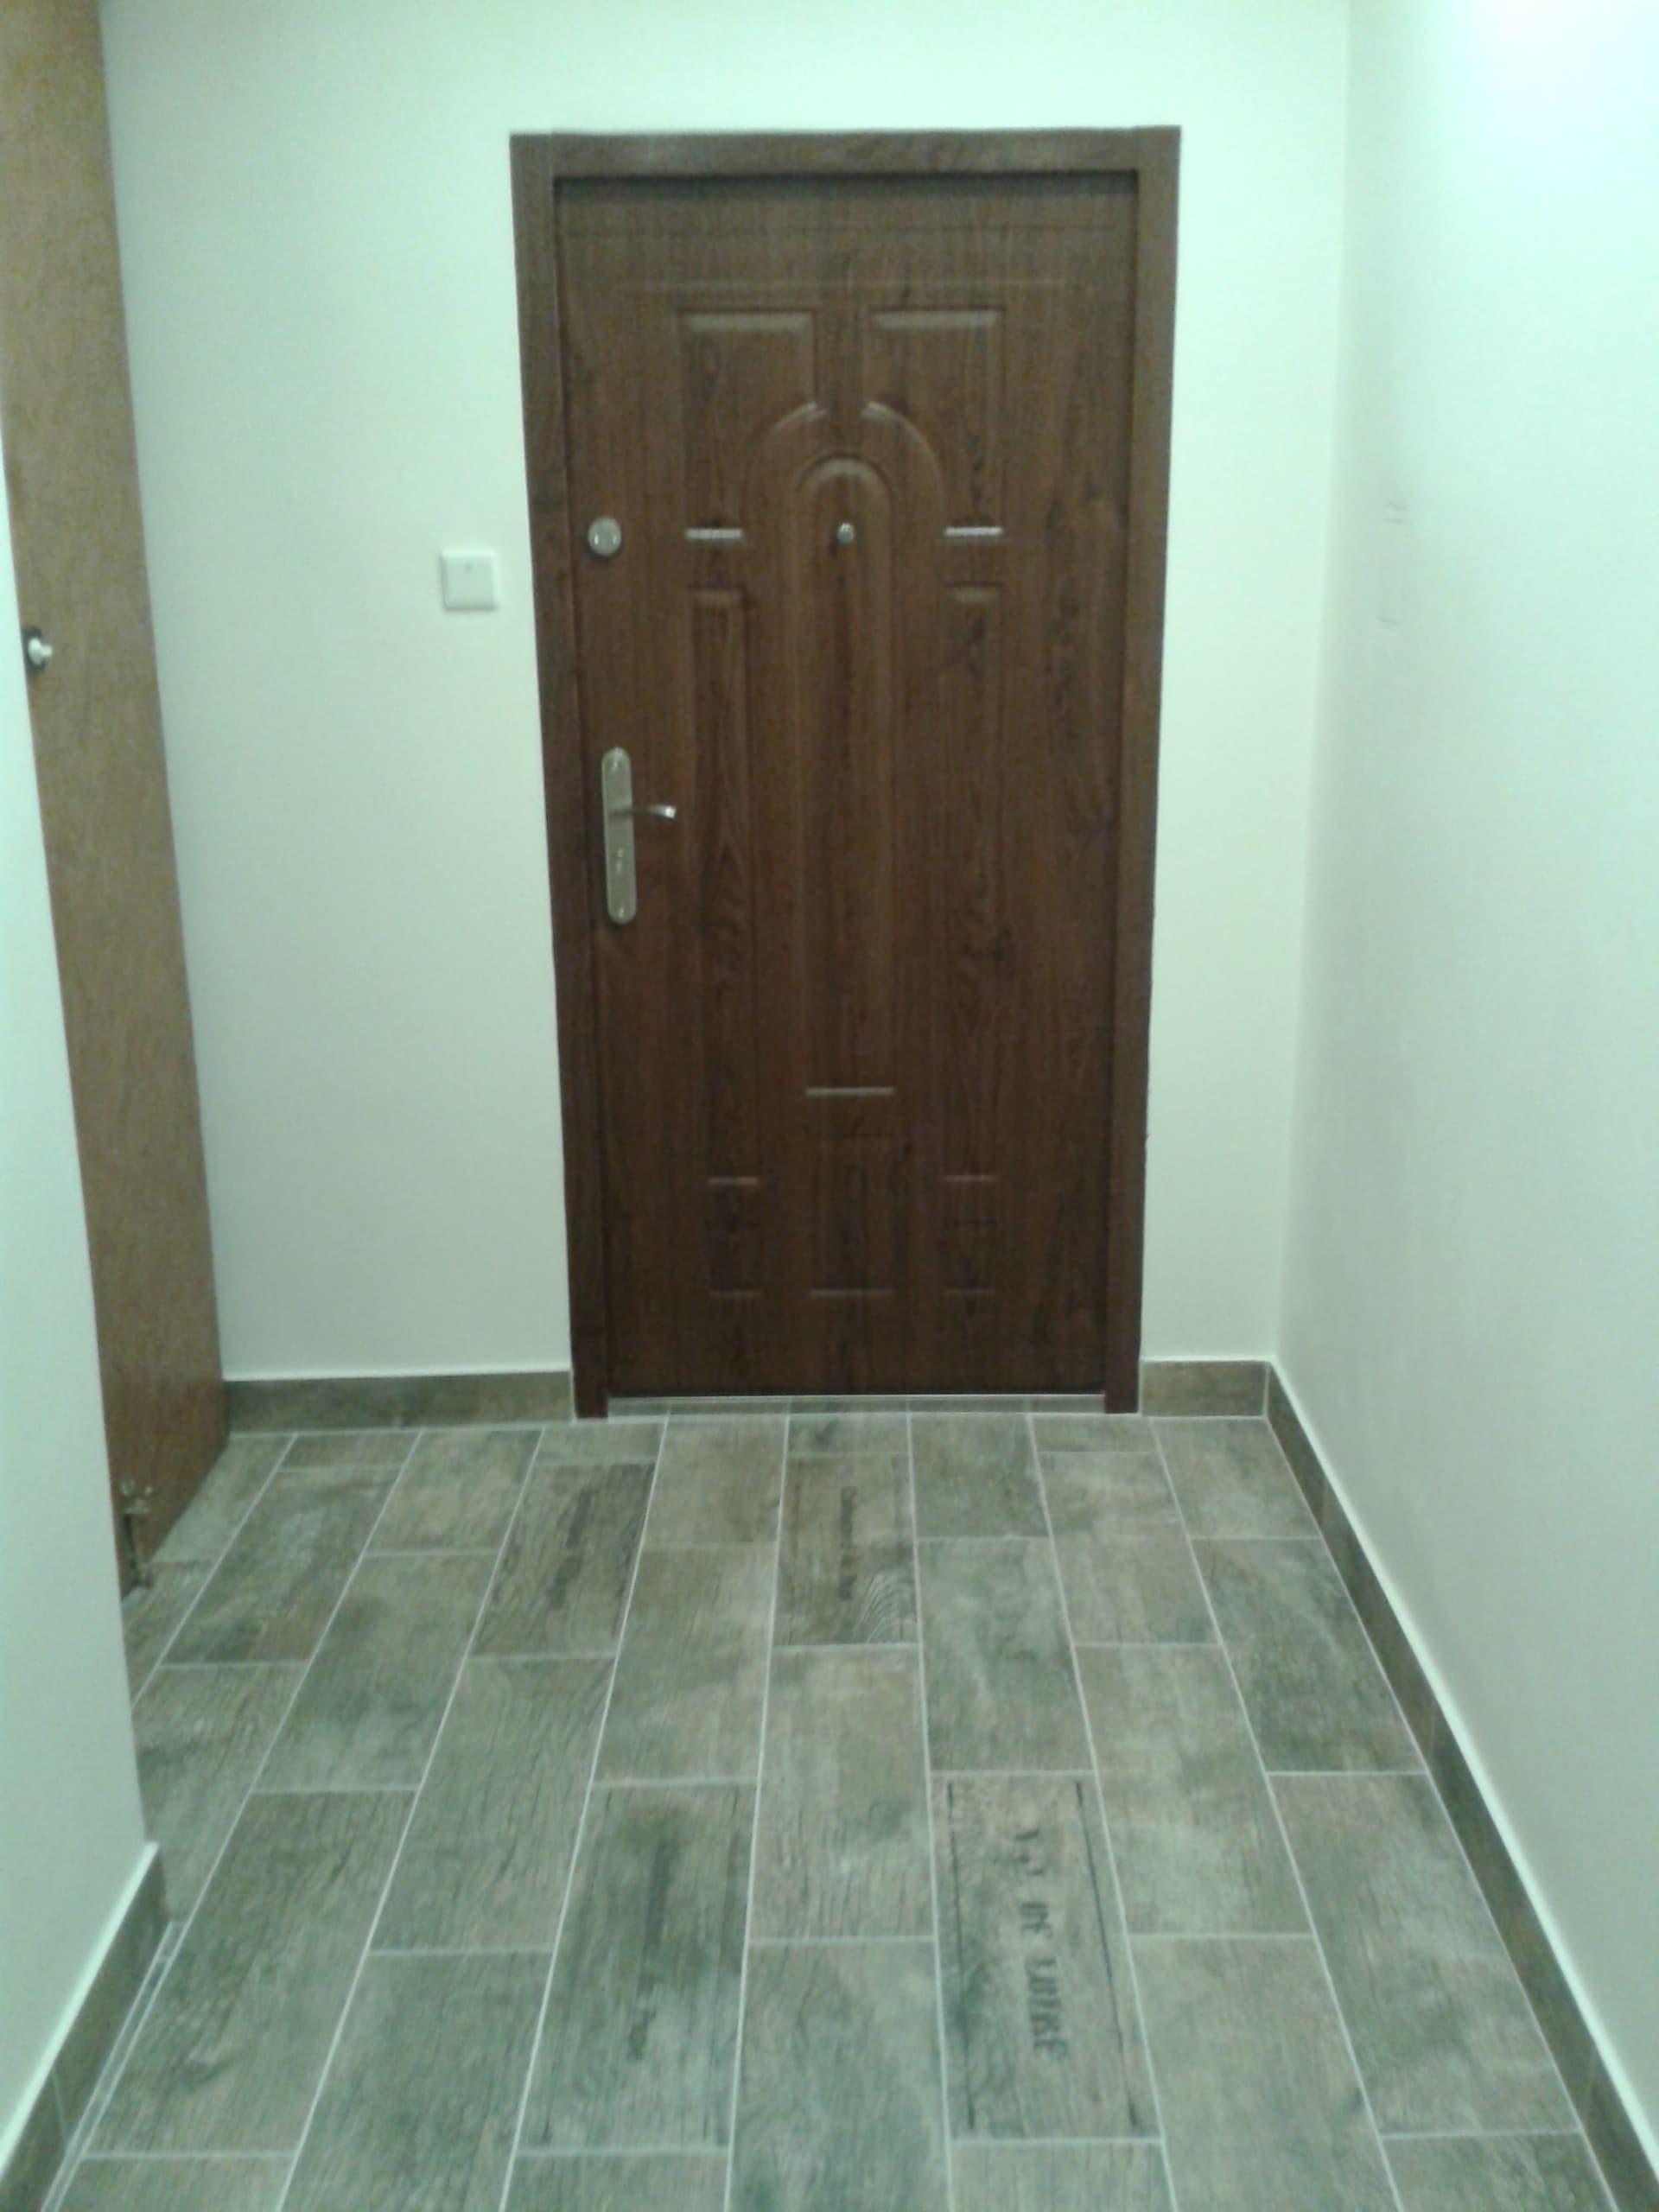 למכירה דירת 3+kk יפהפיה בפראג 1 העיר החדשה (51)